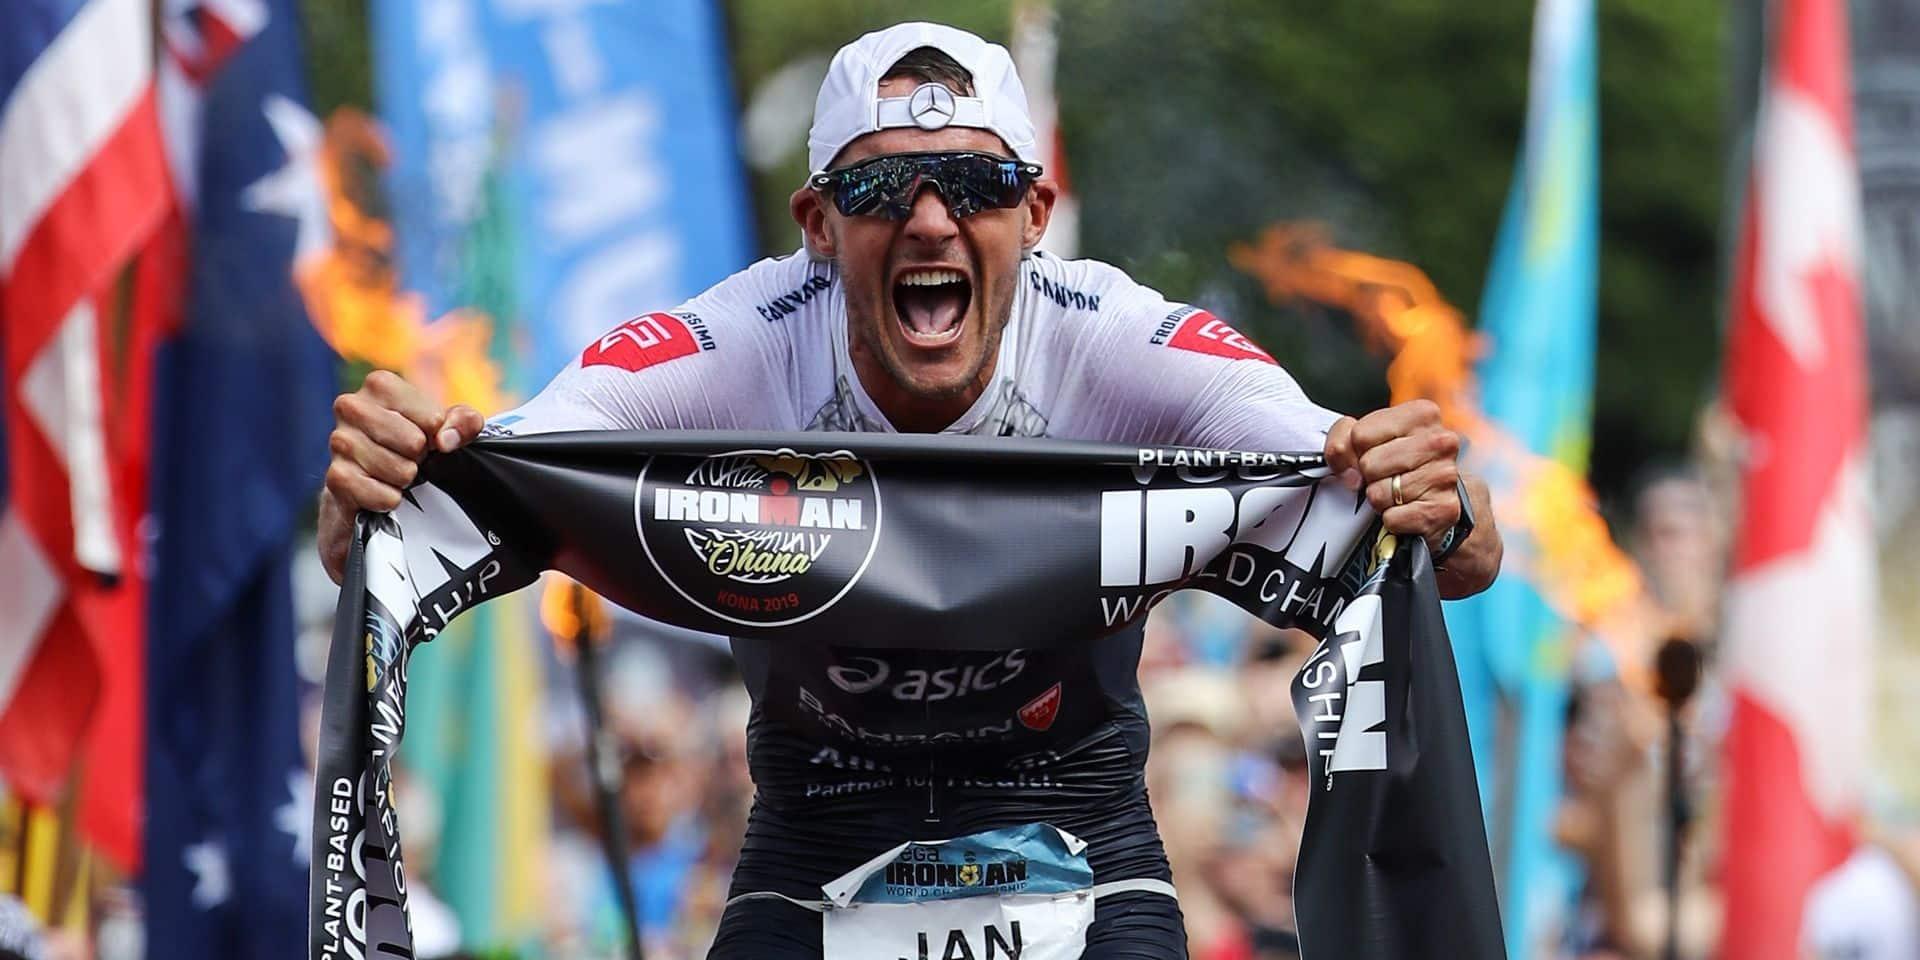 L'Ironman d'Hawaï déplacé au 6 février 2021